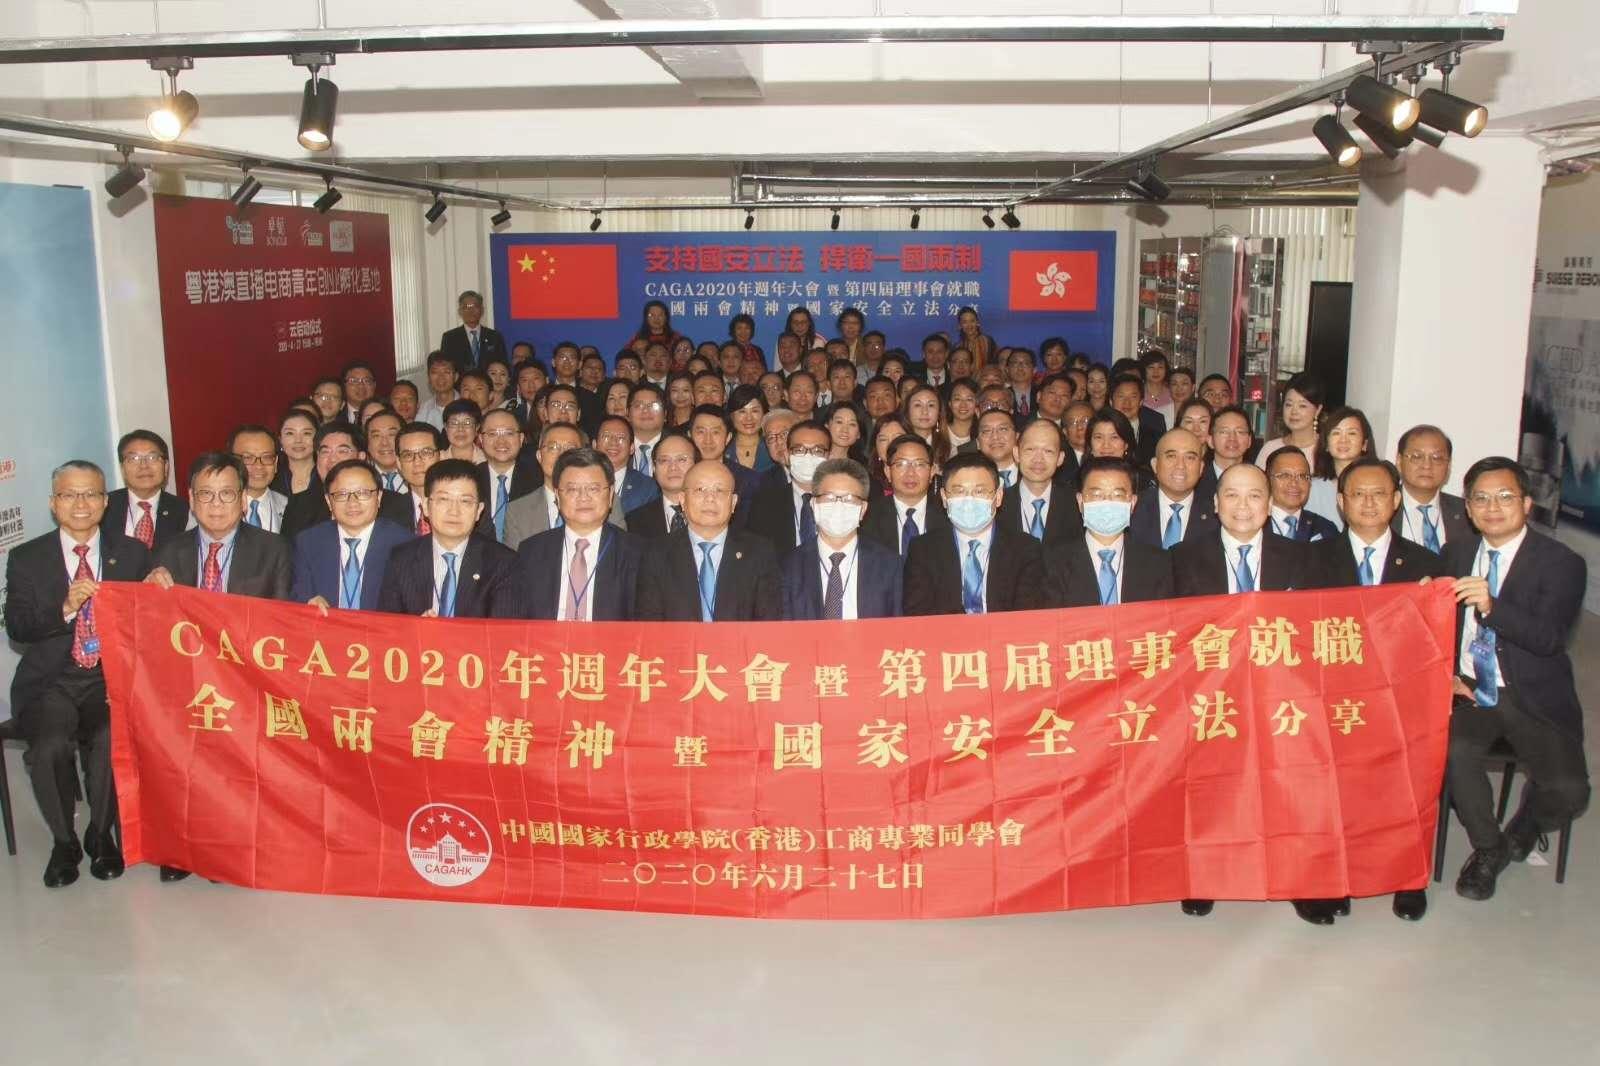 孫湘一希望香港工商界引領經濟轉型